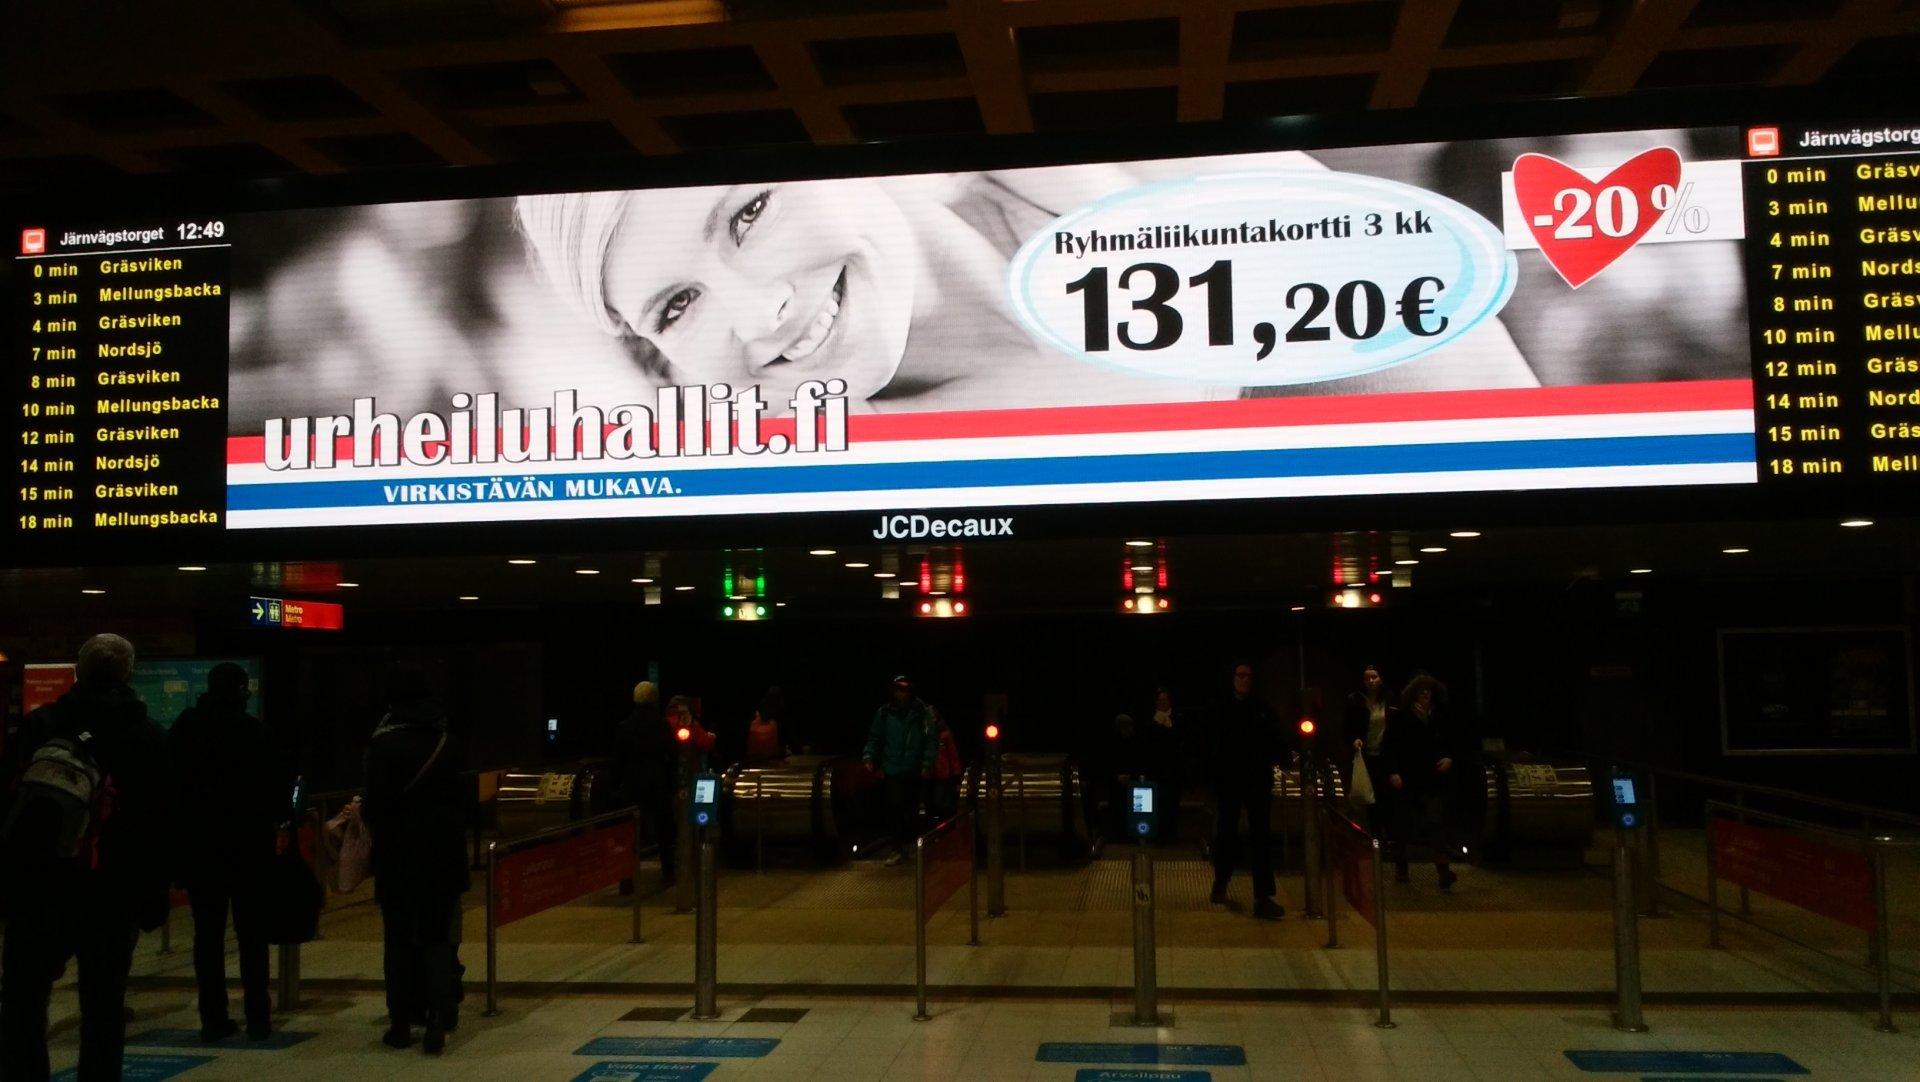 ヘルシンキ中央駅の地下鉄改札